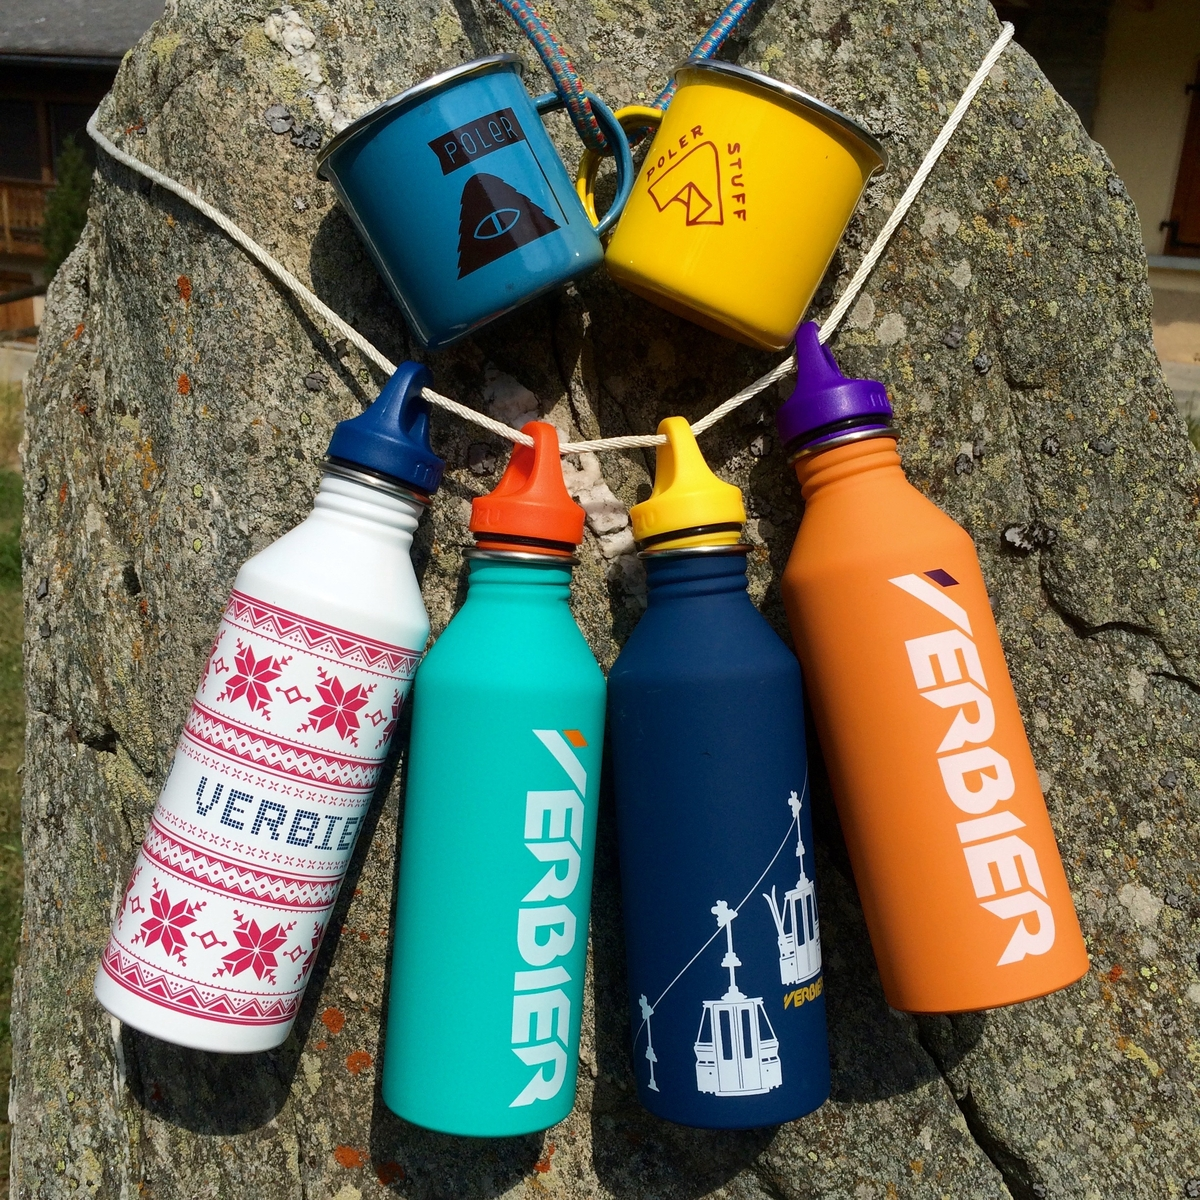 Verbier-x-Mizu-water-bottles-Poler-Stuff-Mugs-Ski-Service